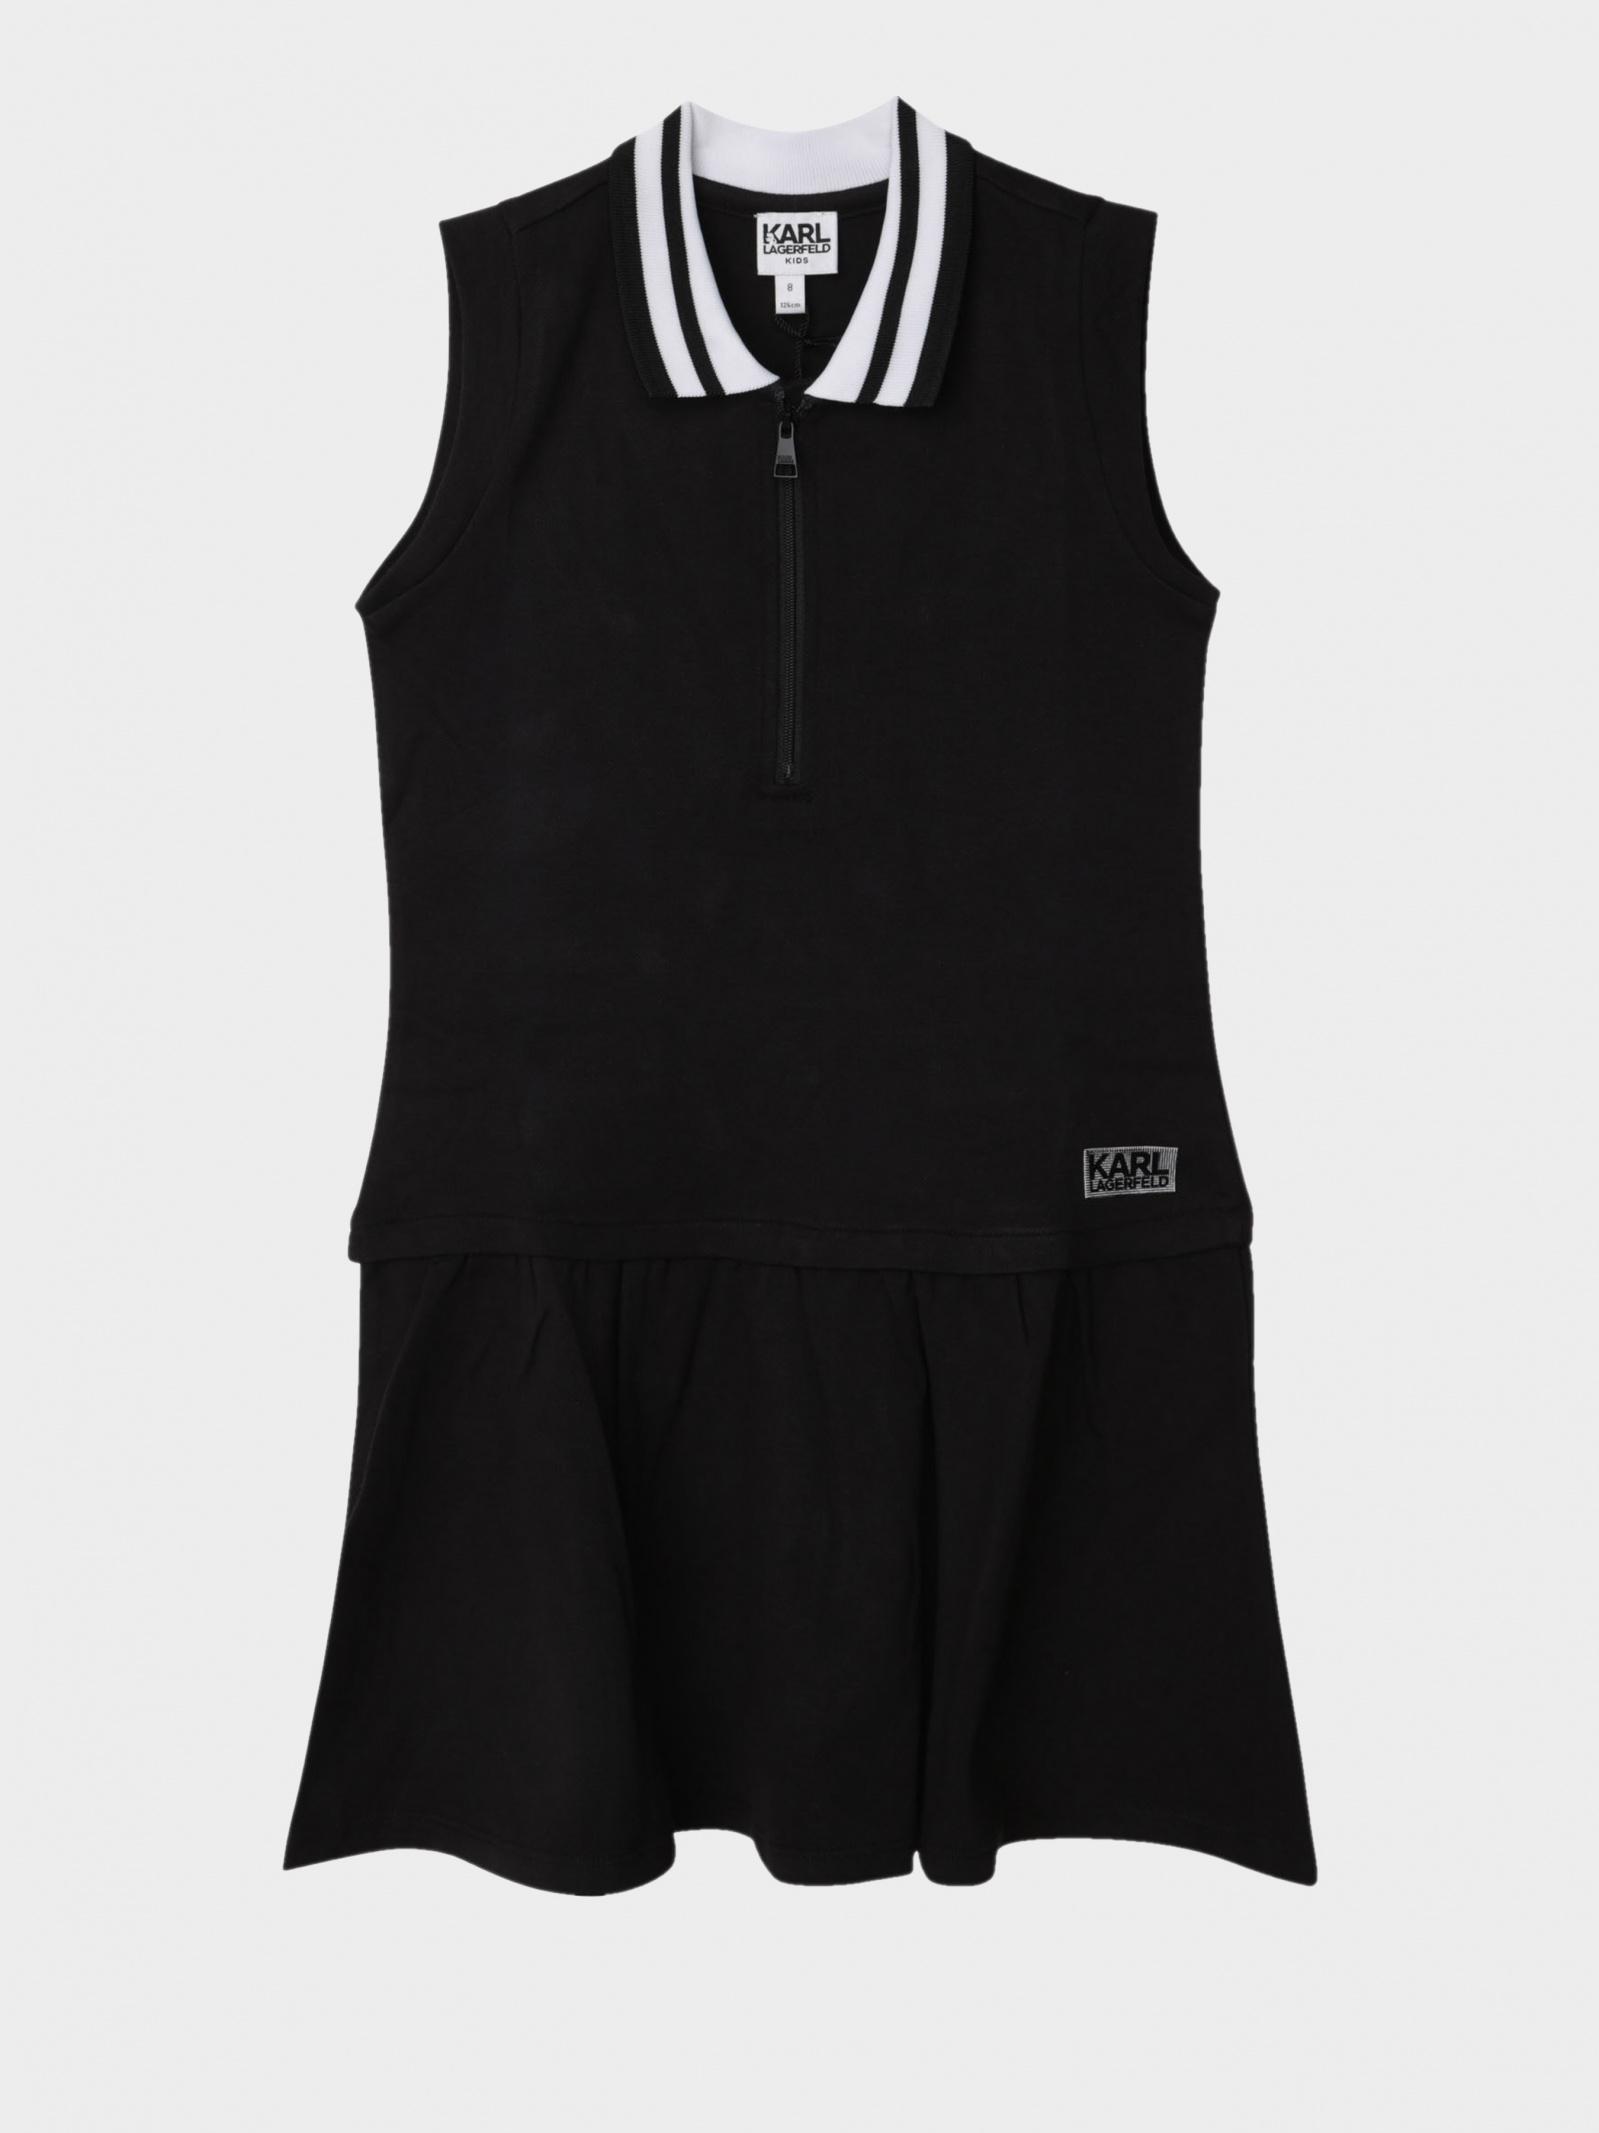 KARL LAGERFELD Сукня дитячі модель Z12136/09B ціна, 2017